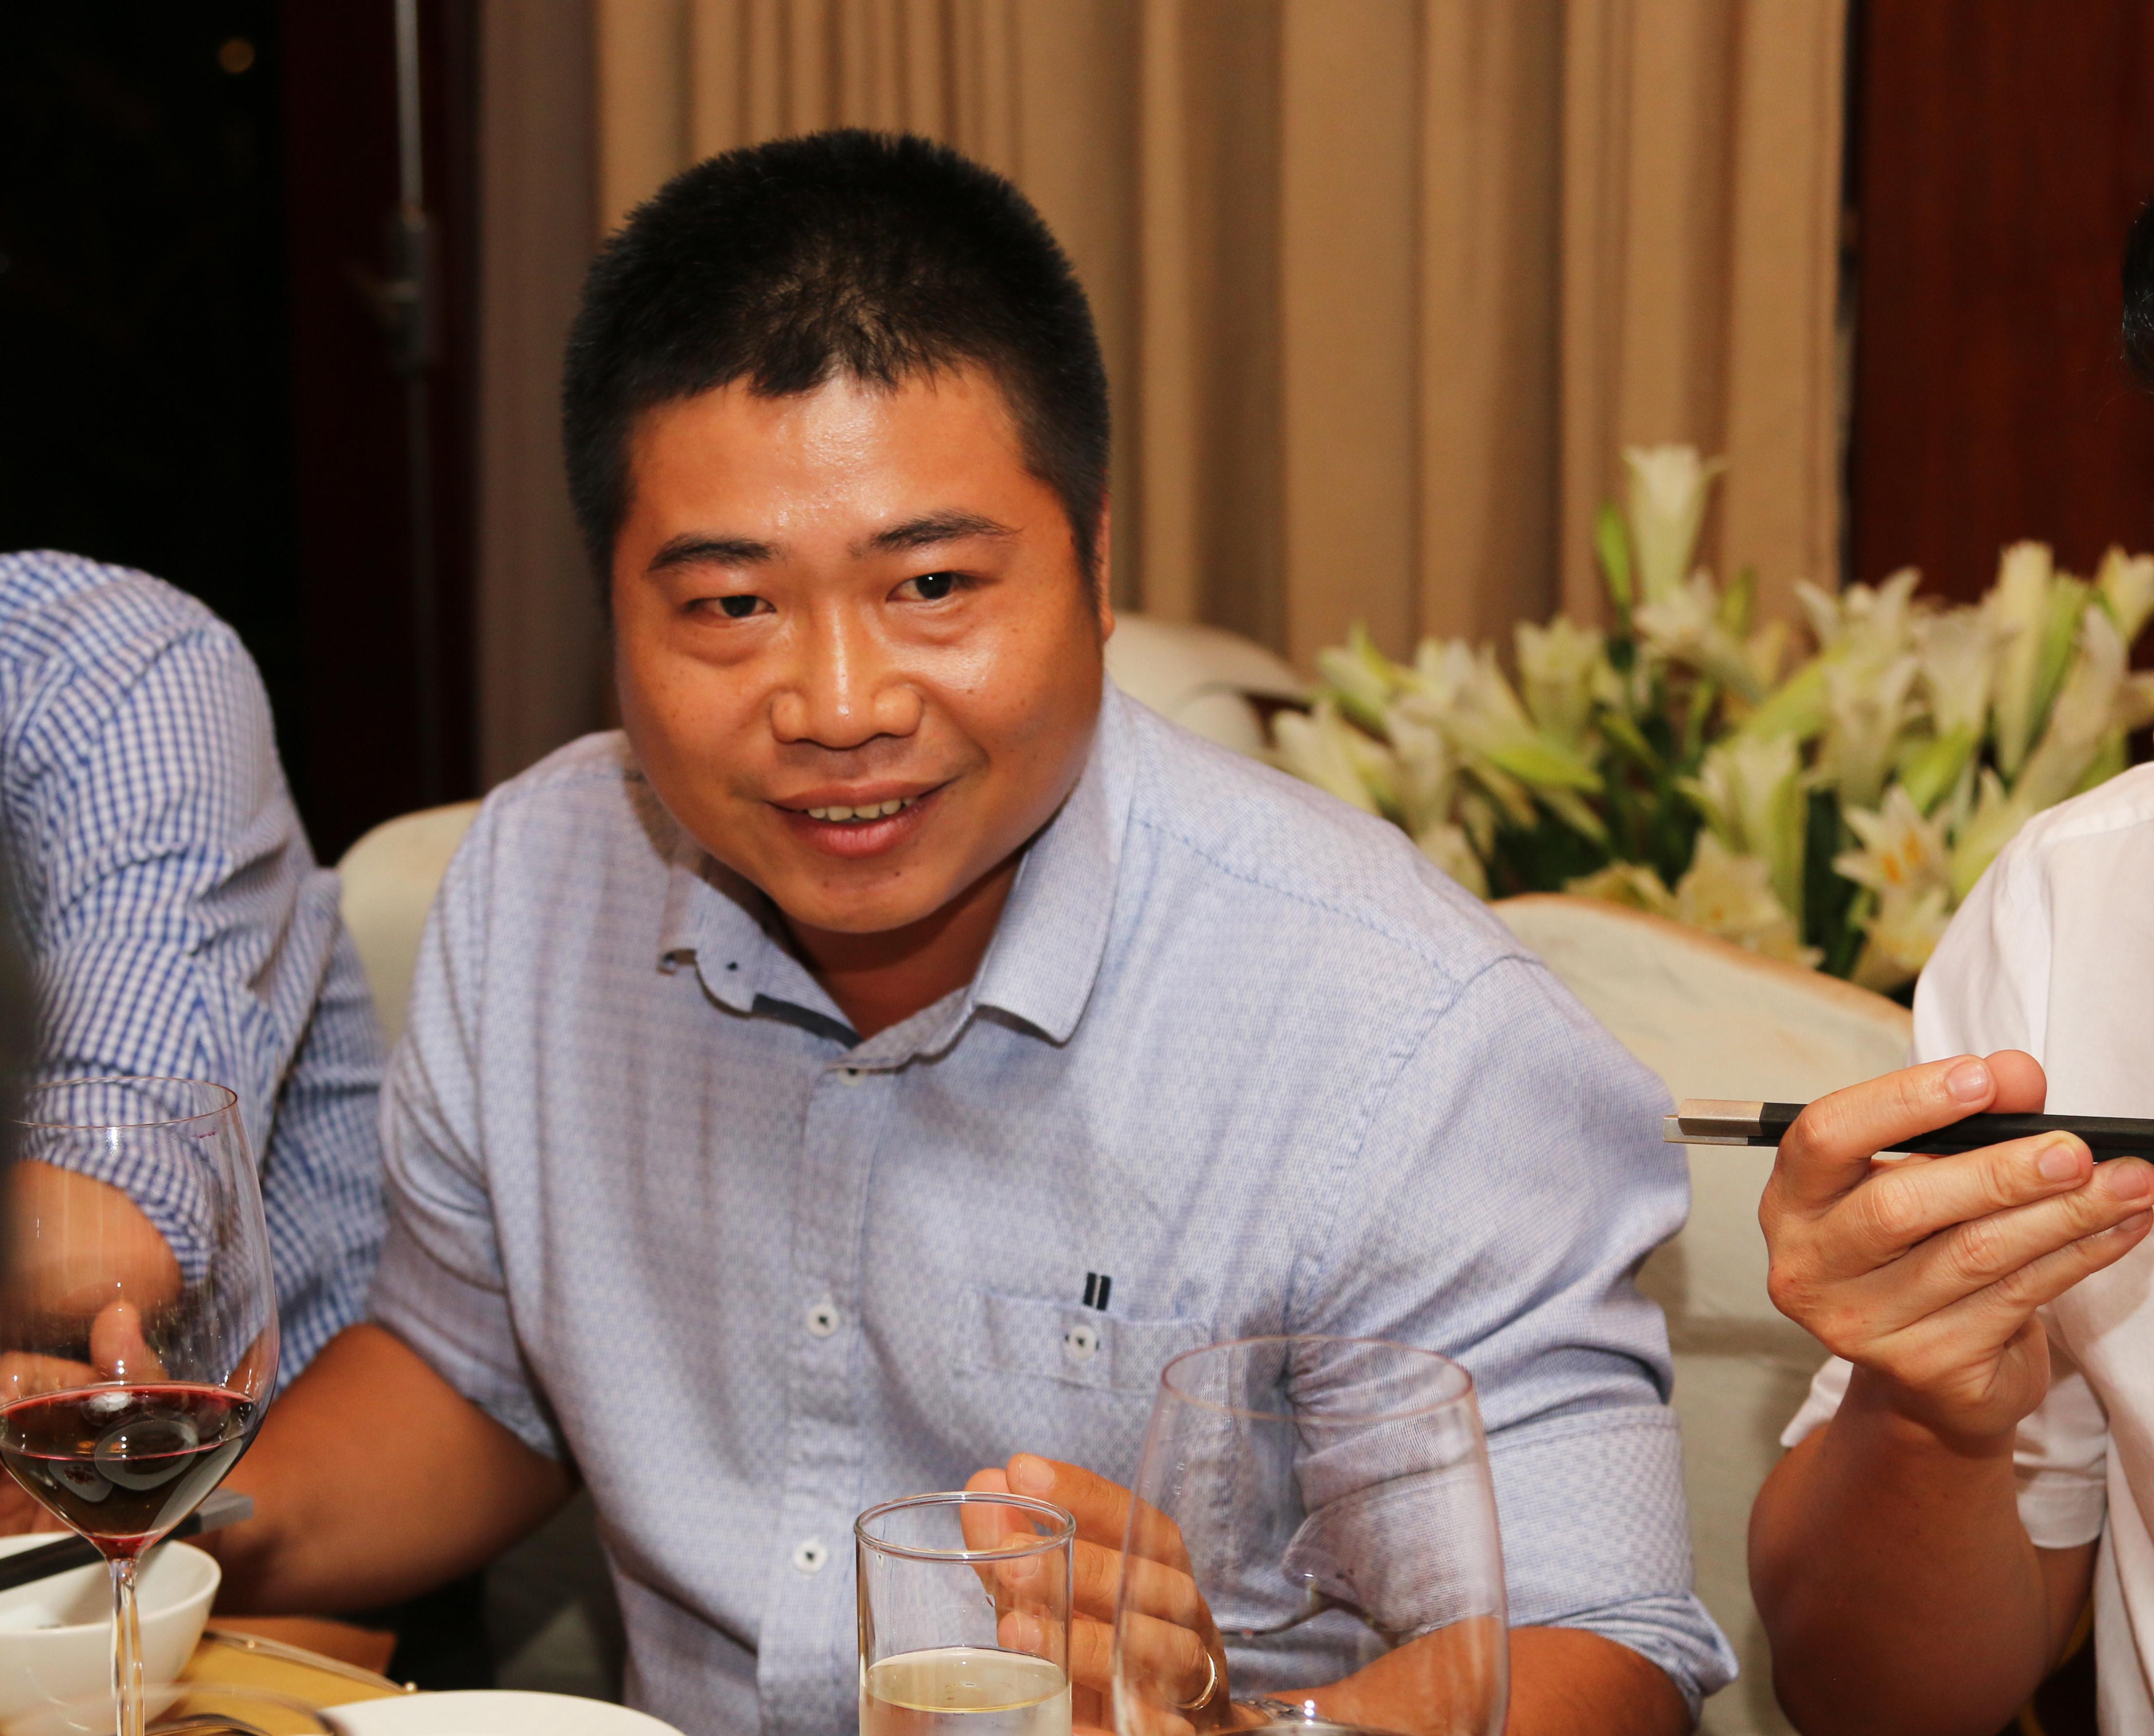 Từ một trưởng phòng kinh doanh của FPT Telecom Cần Thơ, anh Lưu Minh Thông trở thành Giám đốc chi nhánh Long An. Sau 1 năm phát huy vùng đất màu mỡ này, anh Thông đã đưa chi nhánh từ đứng số 7 lên số 5 của Vùng miền Tây Nam bộ. Dự dịnh của anh sẽ nâng cấp chi nhánh lên Top 3 sau 2 năm nữa.Đặc biệt, đối với anh Thông, sự kiện ăn tối và trò chuyện cùng Chủ tịch là điều ý nghĩa, mặc dù trước đó 'hơi có chút căng thẳng'.